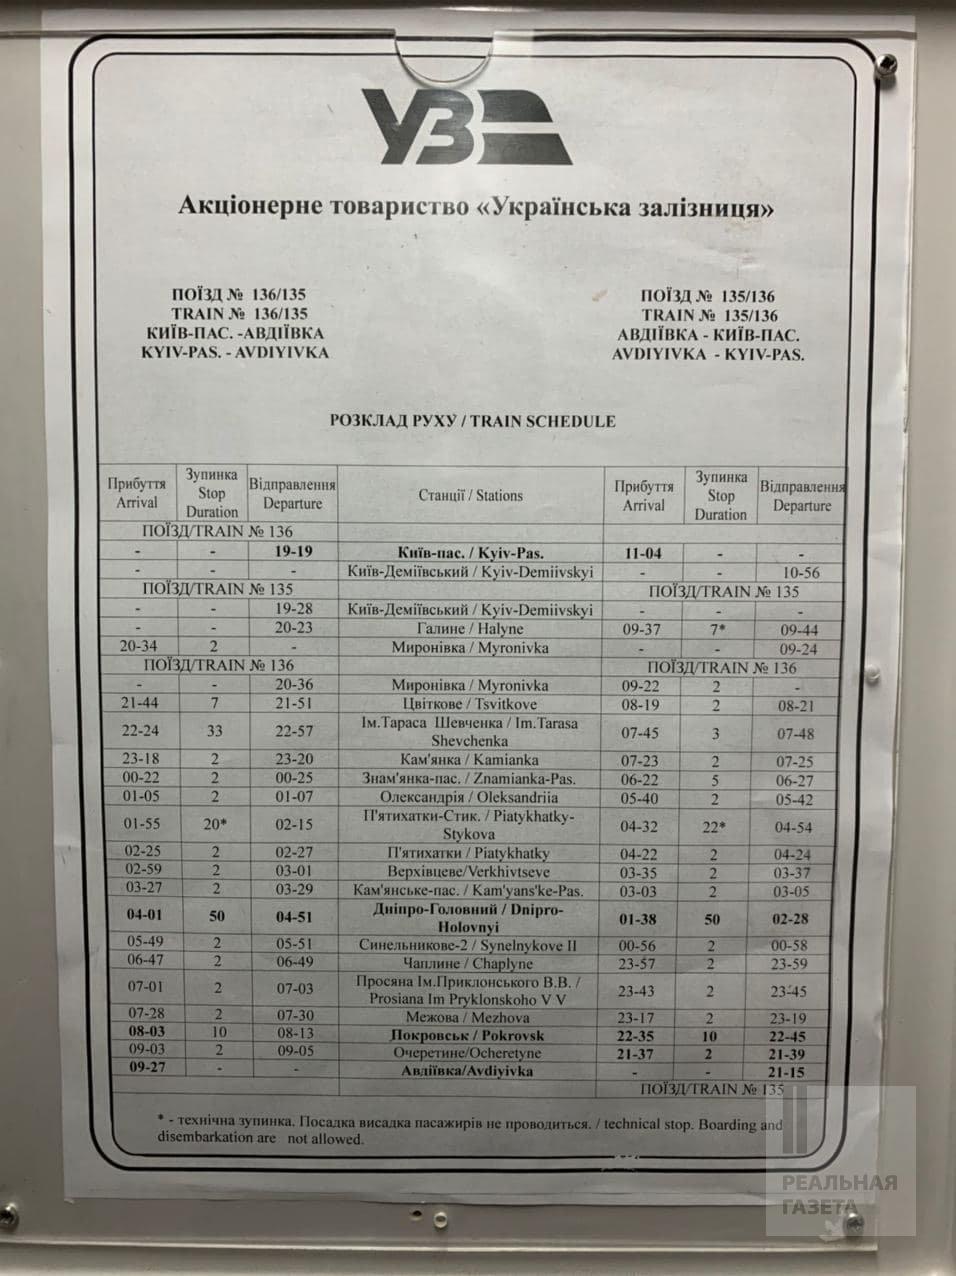 Первый за 6 лет поезд «Киев-Авдеевка» прибыл в пункт назначения